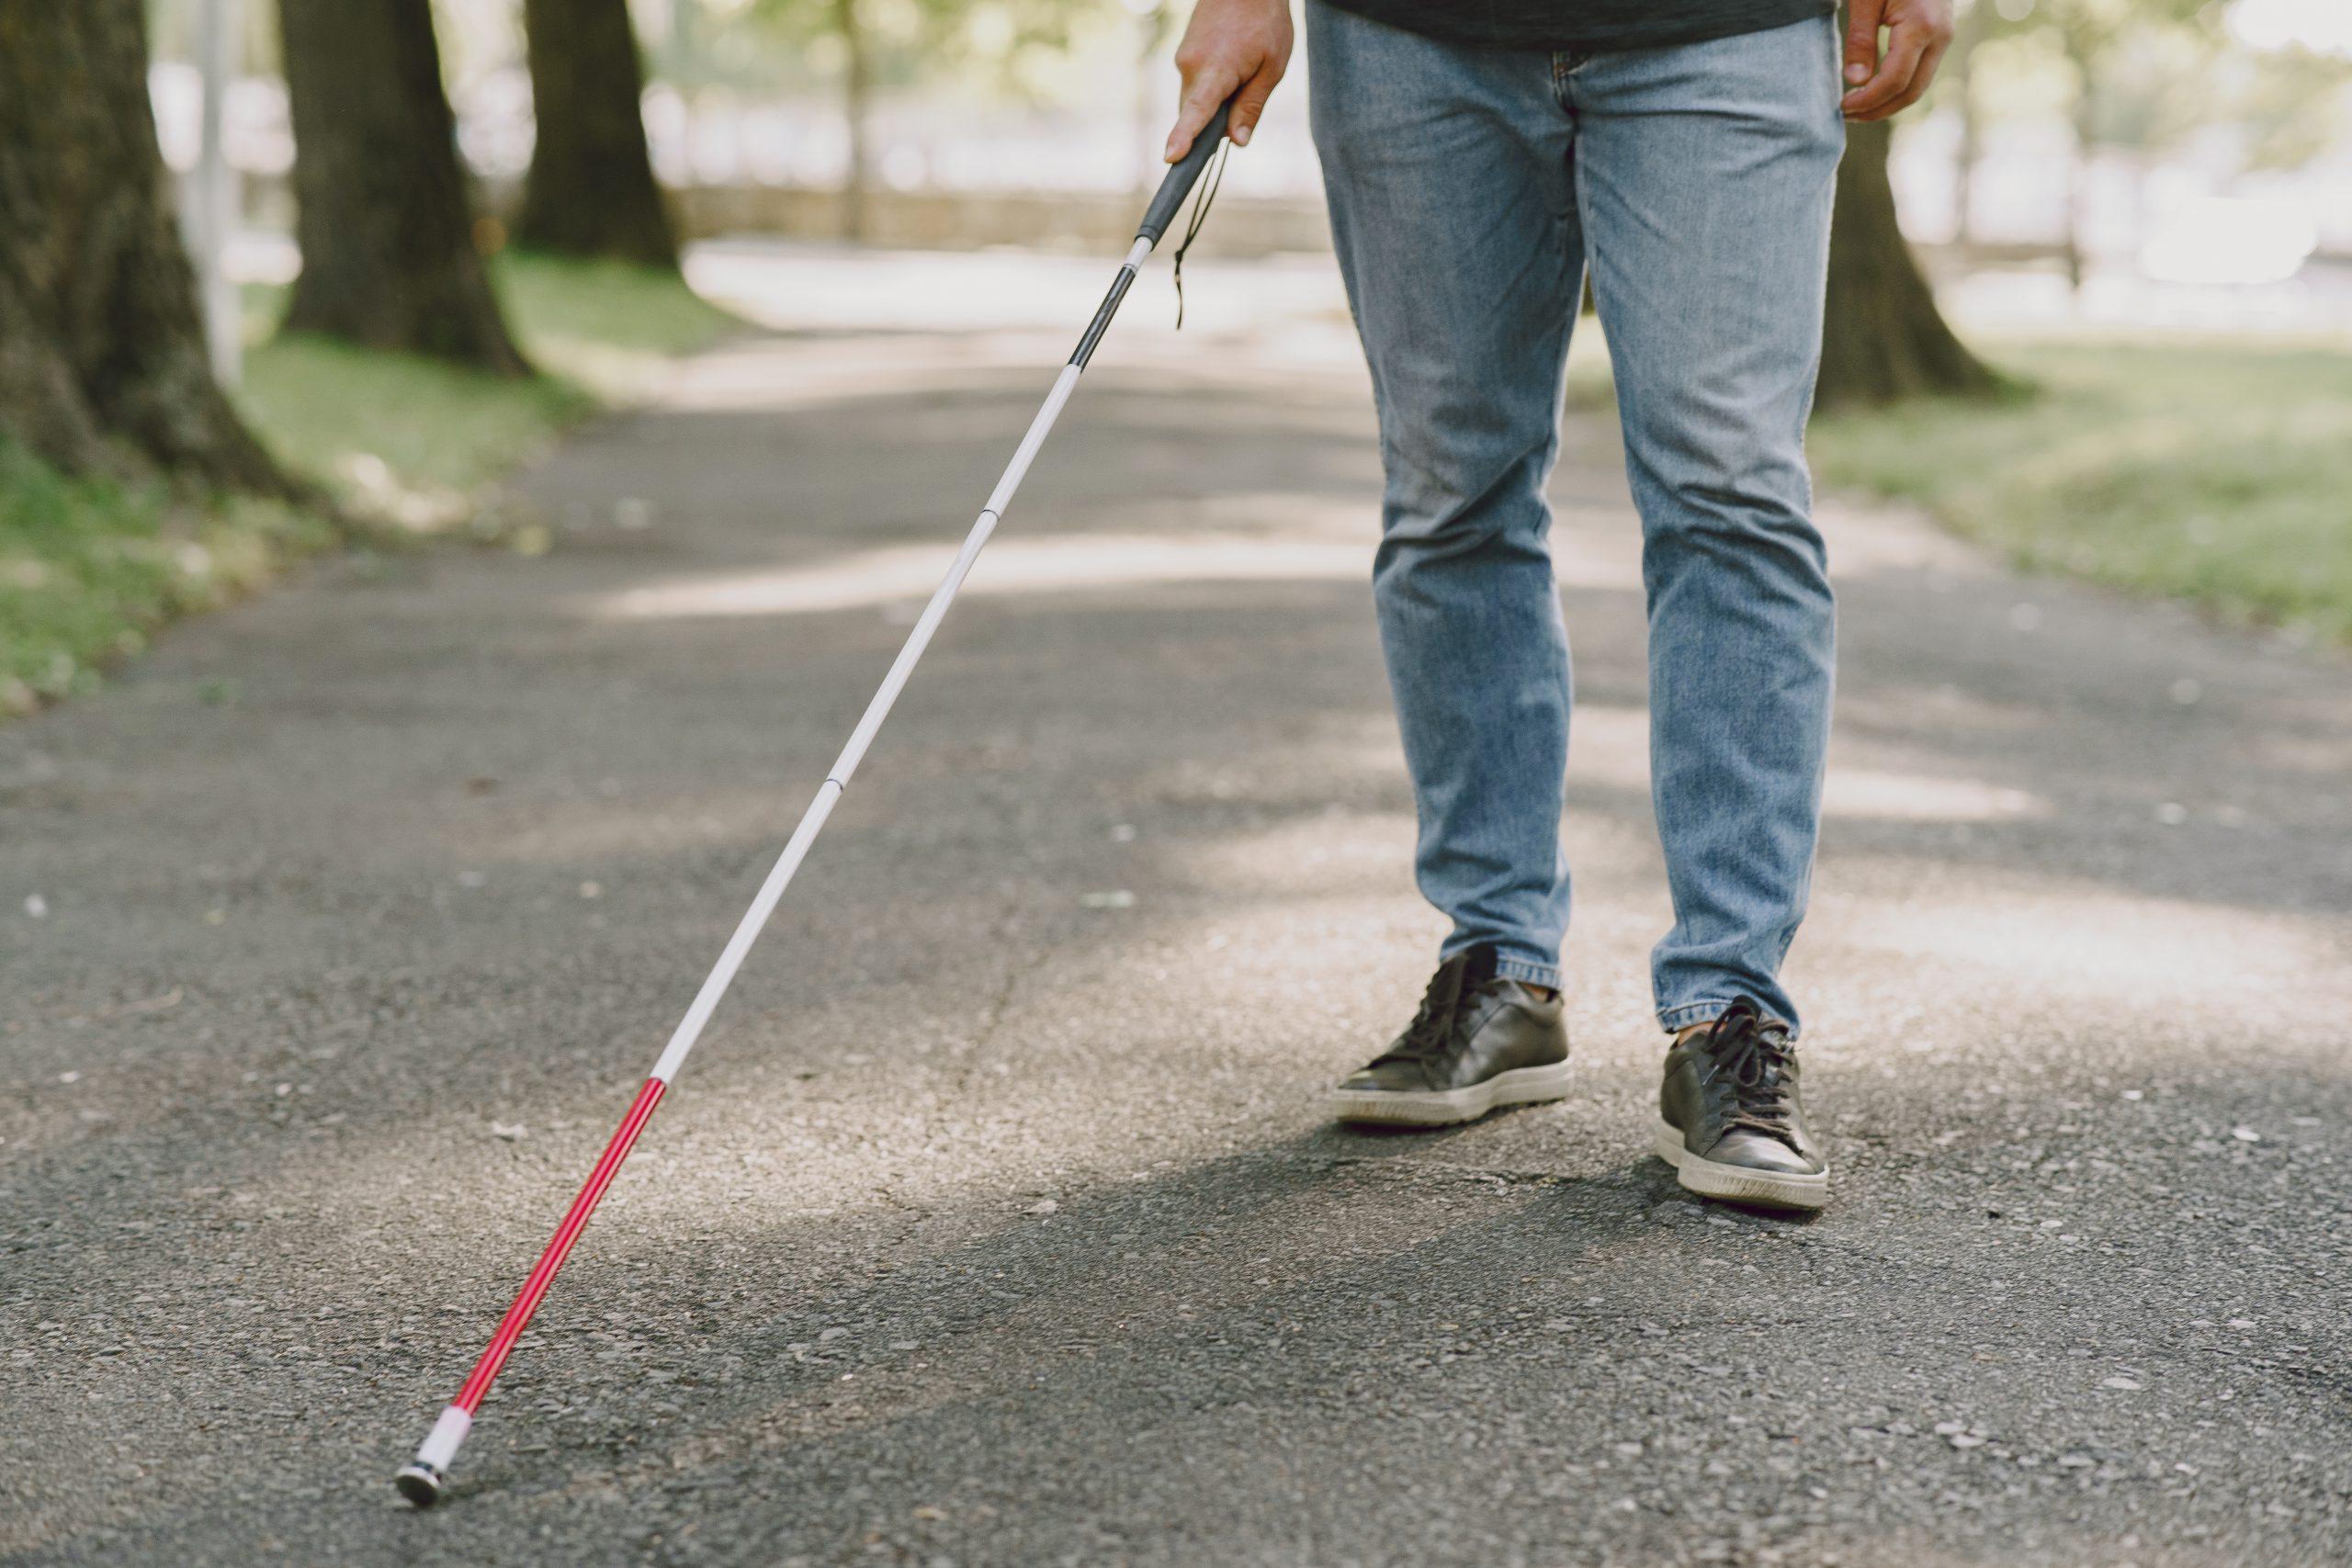 Beyaz baston kullanıcısı bir bireyin asvalt yolda yürürken çekilmiş bir fotoğrafı. Fotoğrafta bireyin yalnızca belden aşağısı görünüyor.